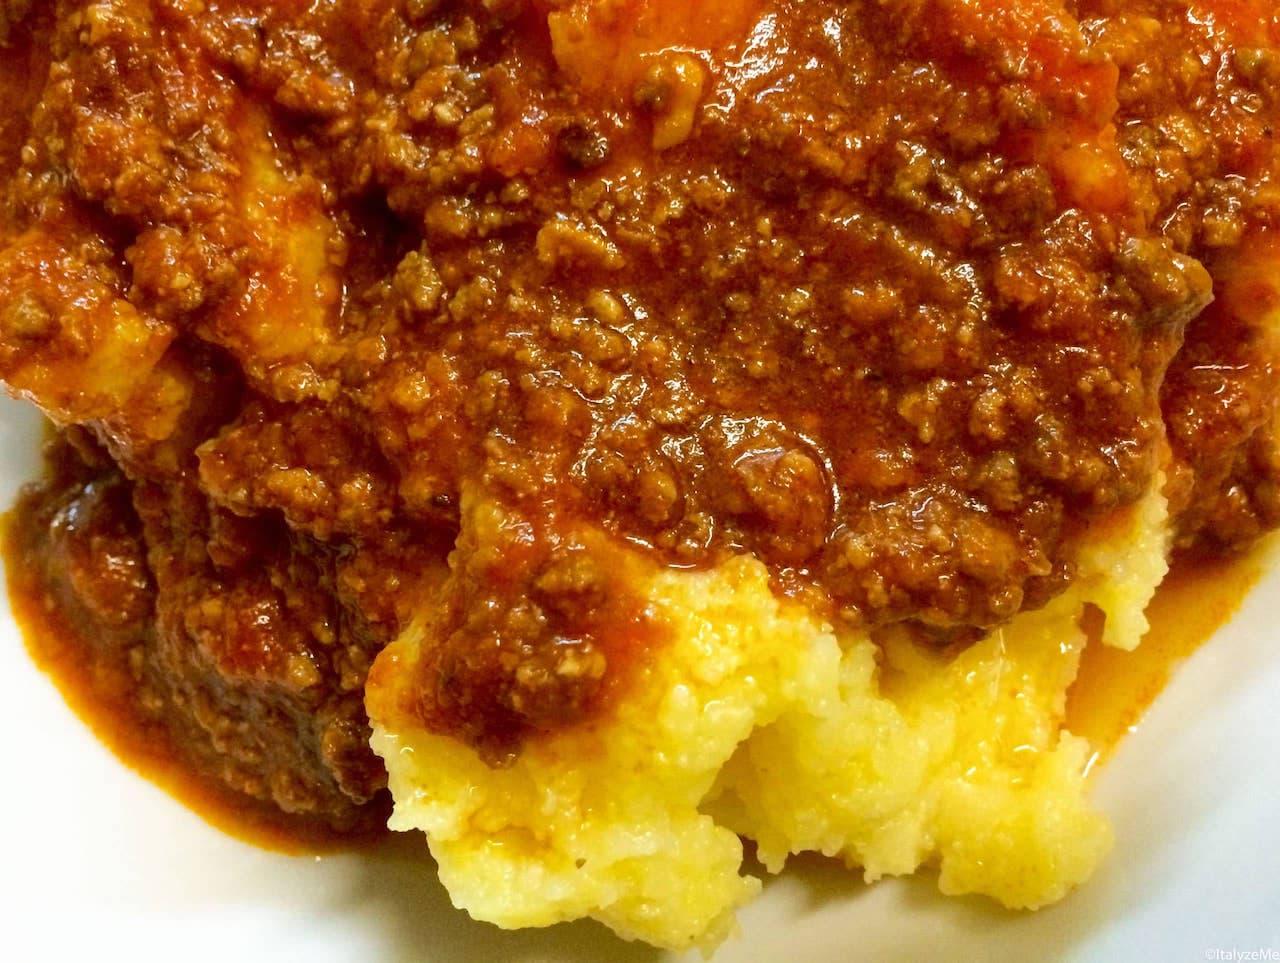 """La polenta, tipico piatto povero e spesso consumata """"in bianco"""", solo oggi viene arricchita con ragù di carne"""